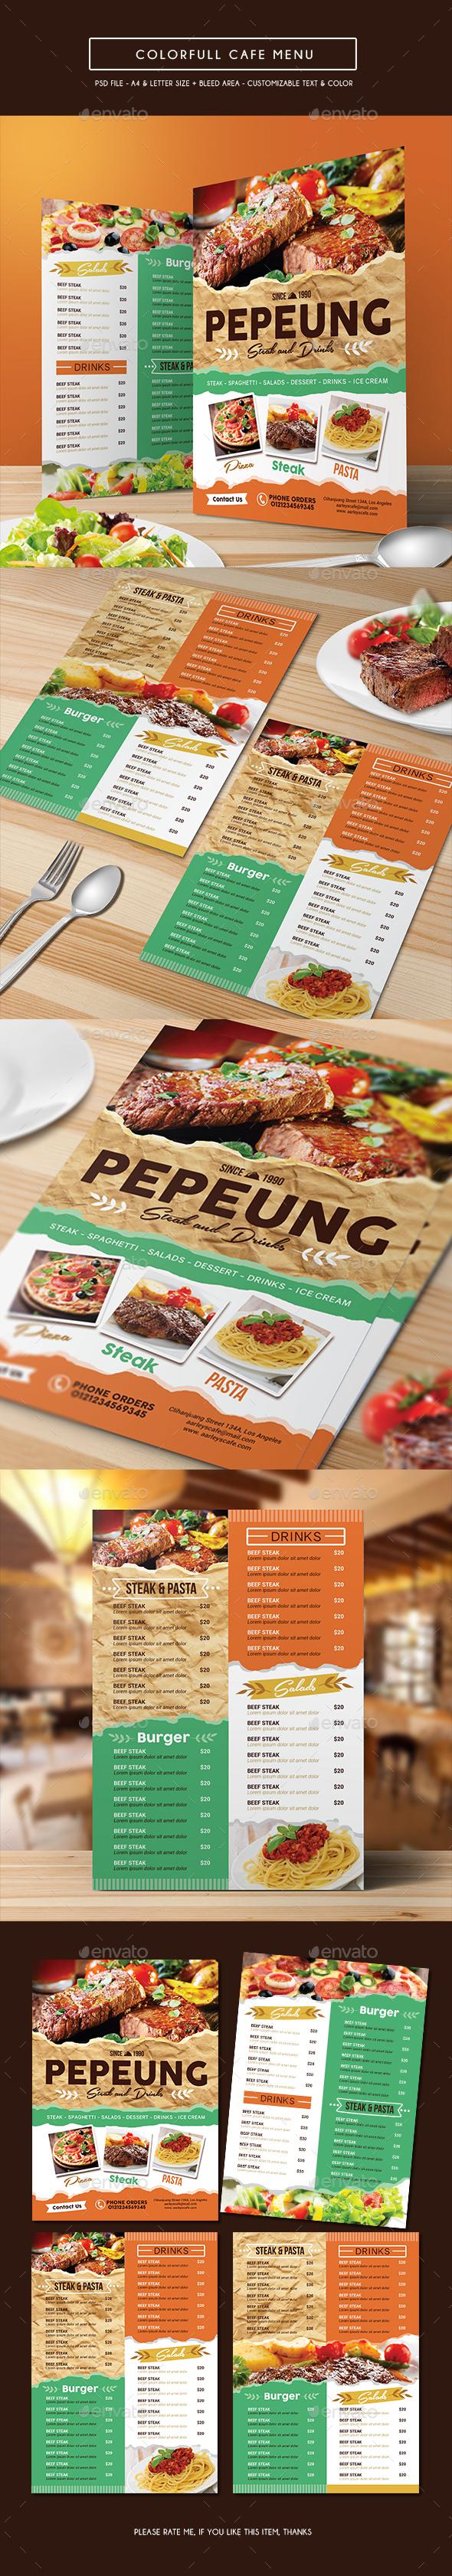 Colorfull Cafe Menu - Food Menus Print Templates